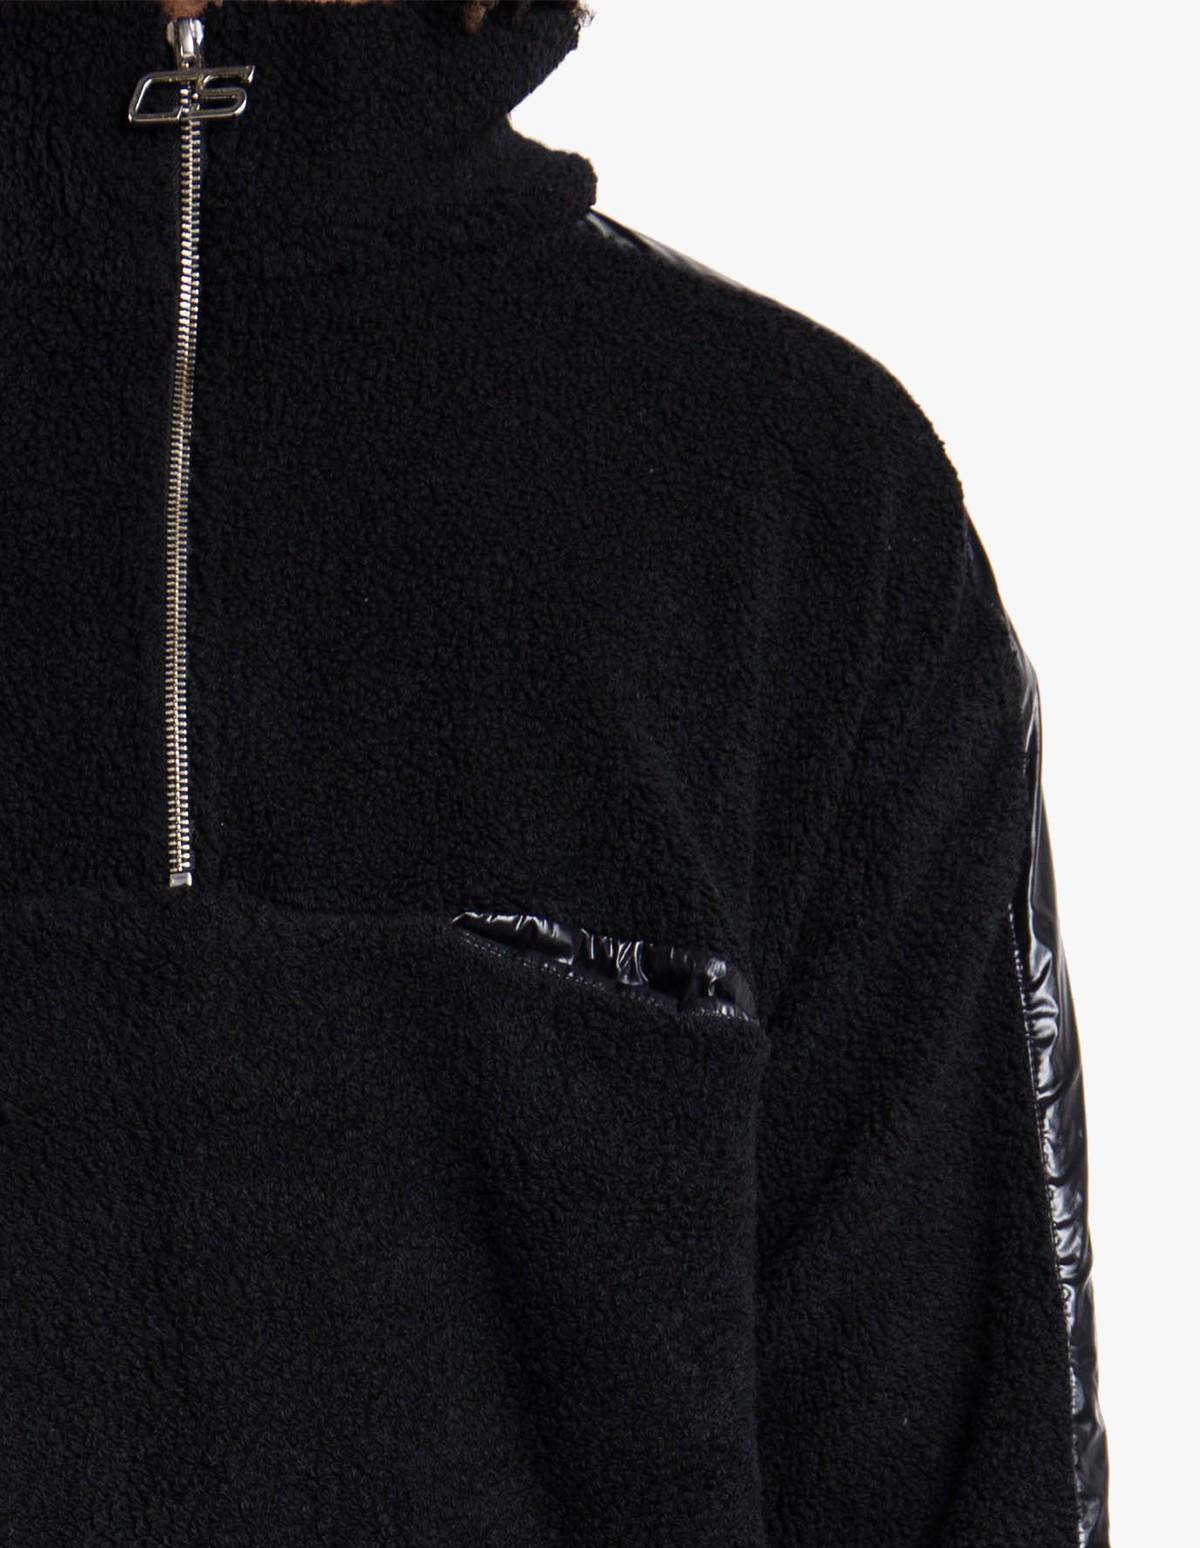 CMMN SWDN Leroy Fleece Jumper in Black